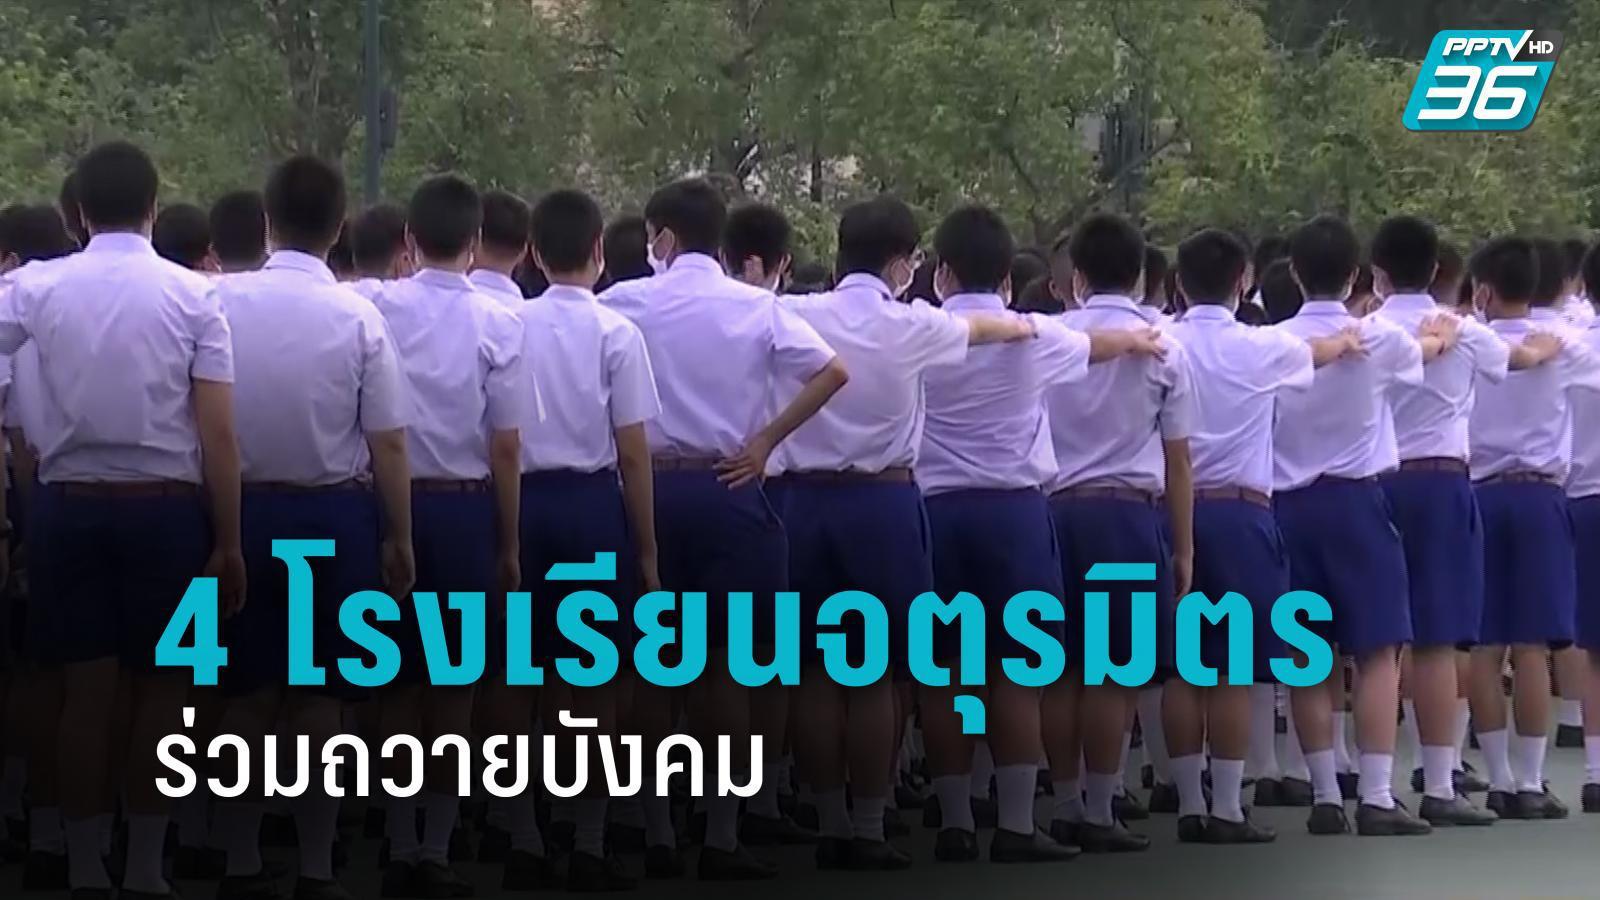 4 โรงเรียนจตุรมิตร ร่วมถวายบังคม วันคล้ายวันสวรรคต ร.9